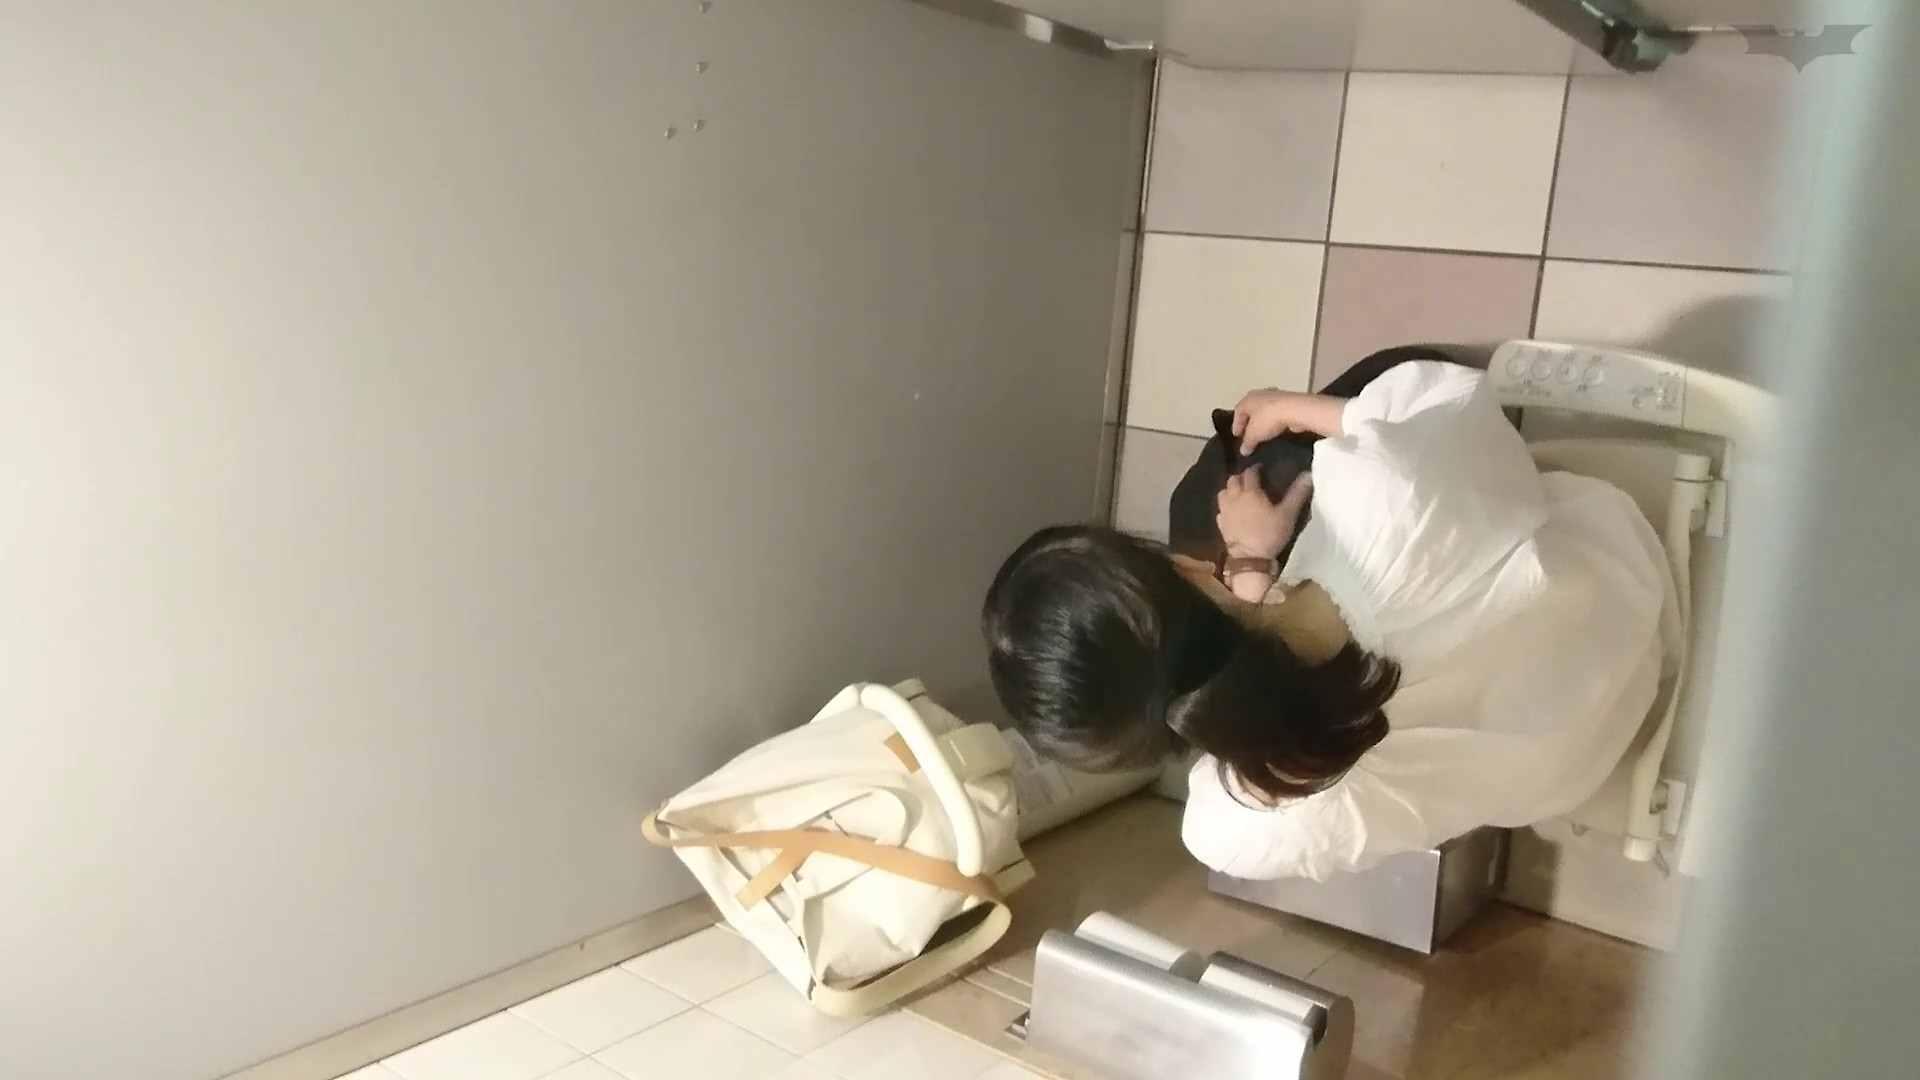 化粧室絵巻 ショッピングモール編 VOL.22 OL  95pic 27